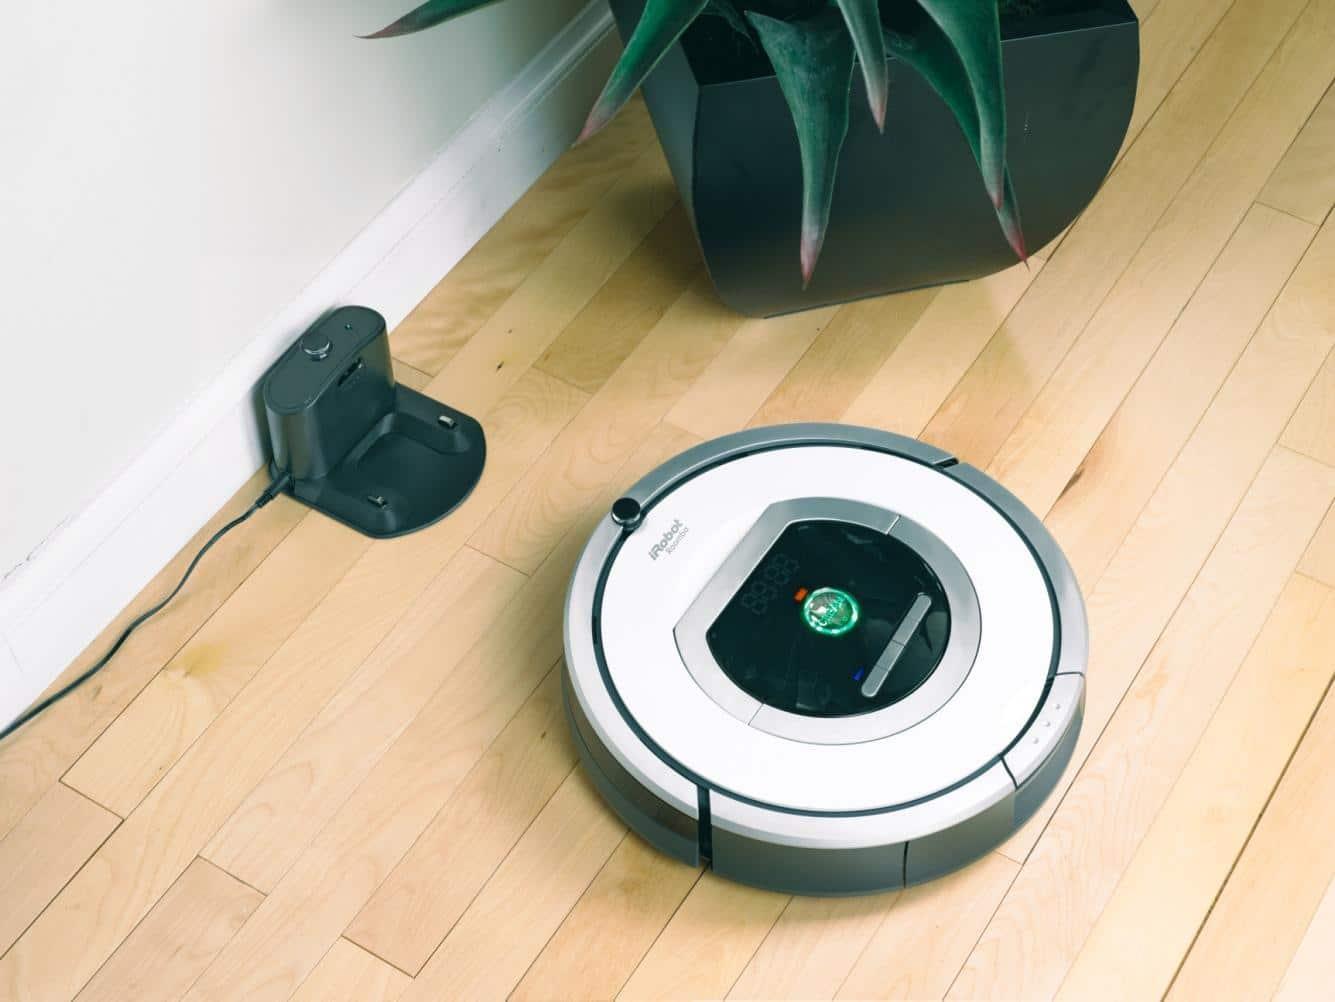 Le robot aspirateur